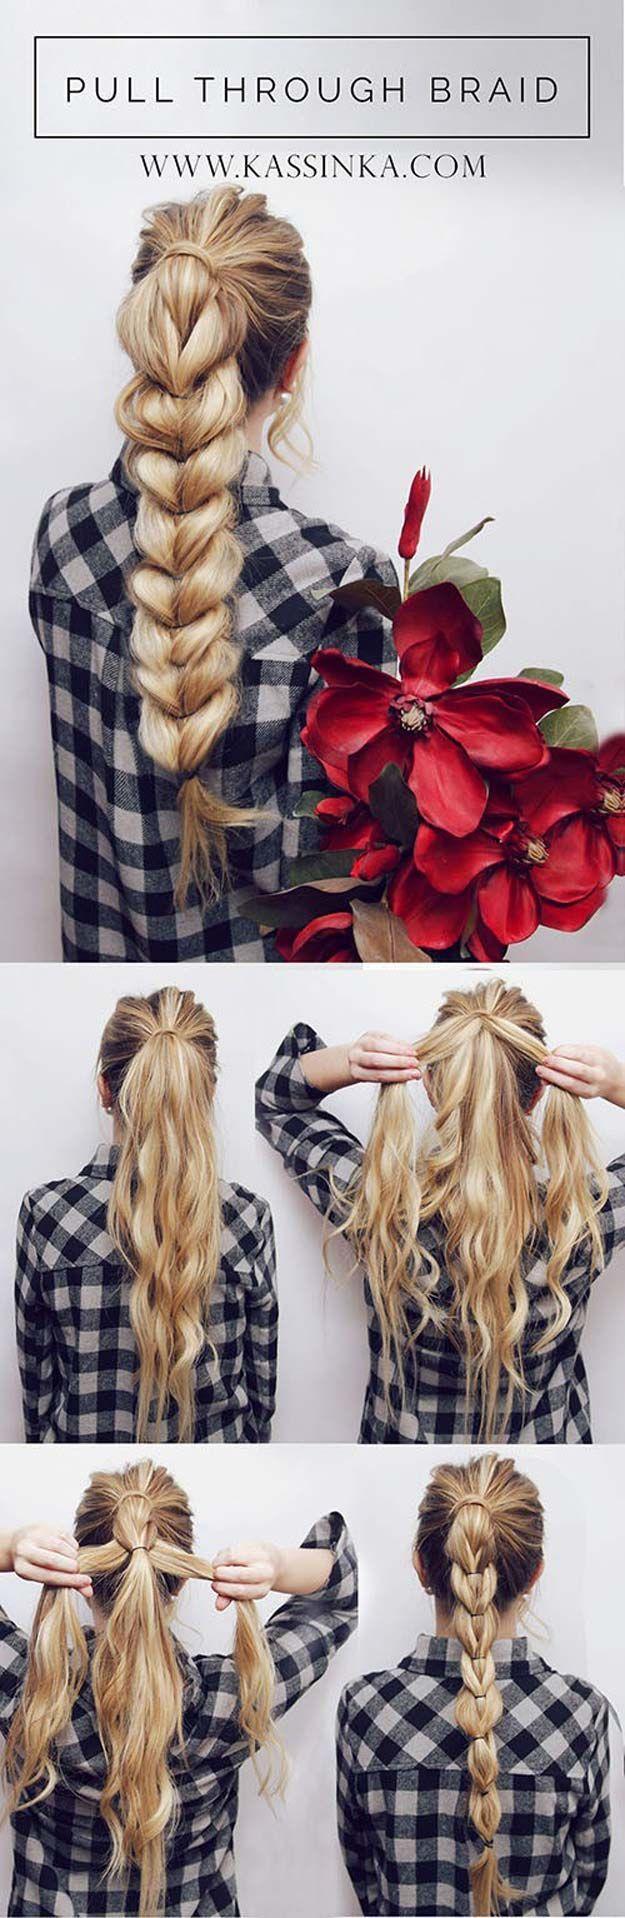 Best Hair Braiding Tutorials - Pull Through Braid Tutorial - Easy Step by Step T...